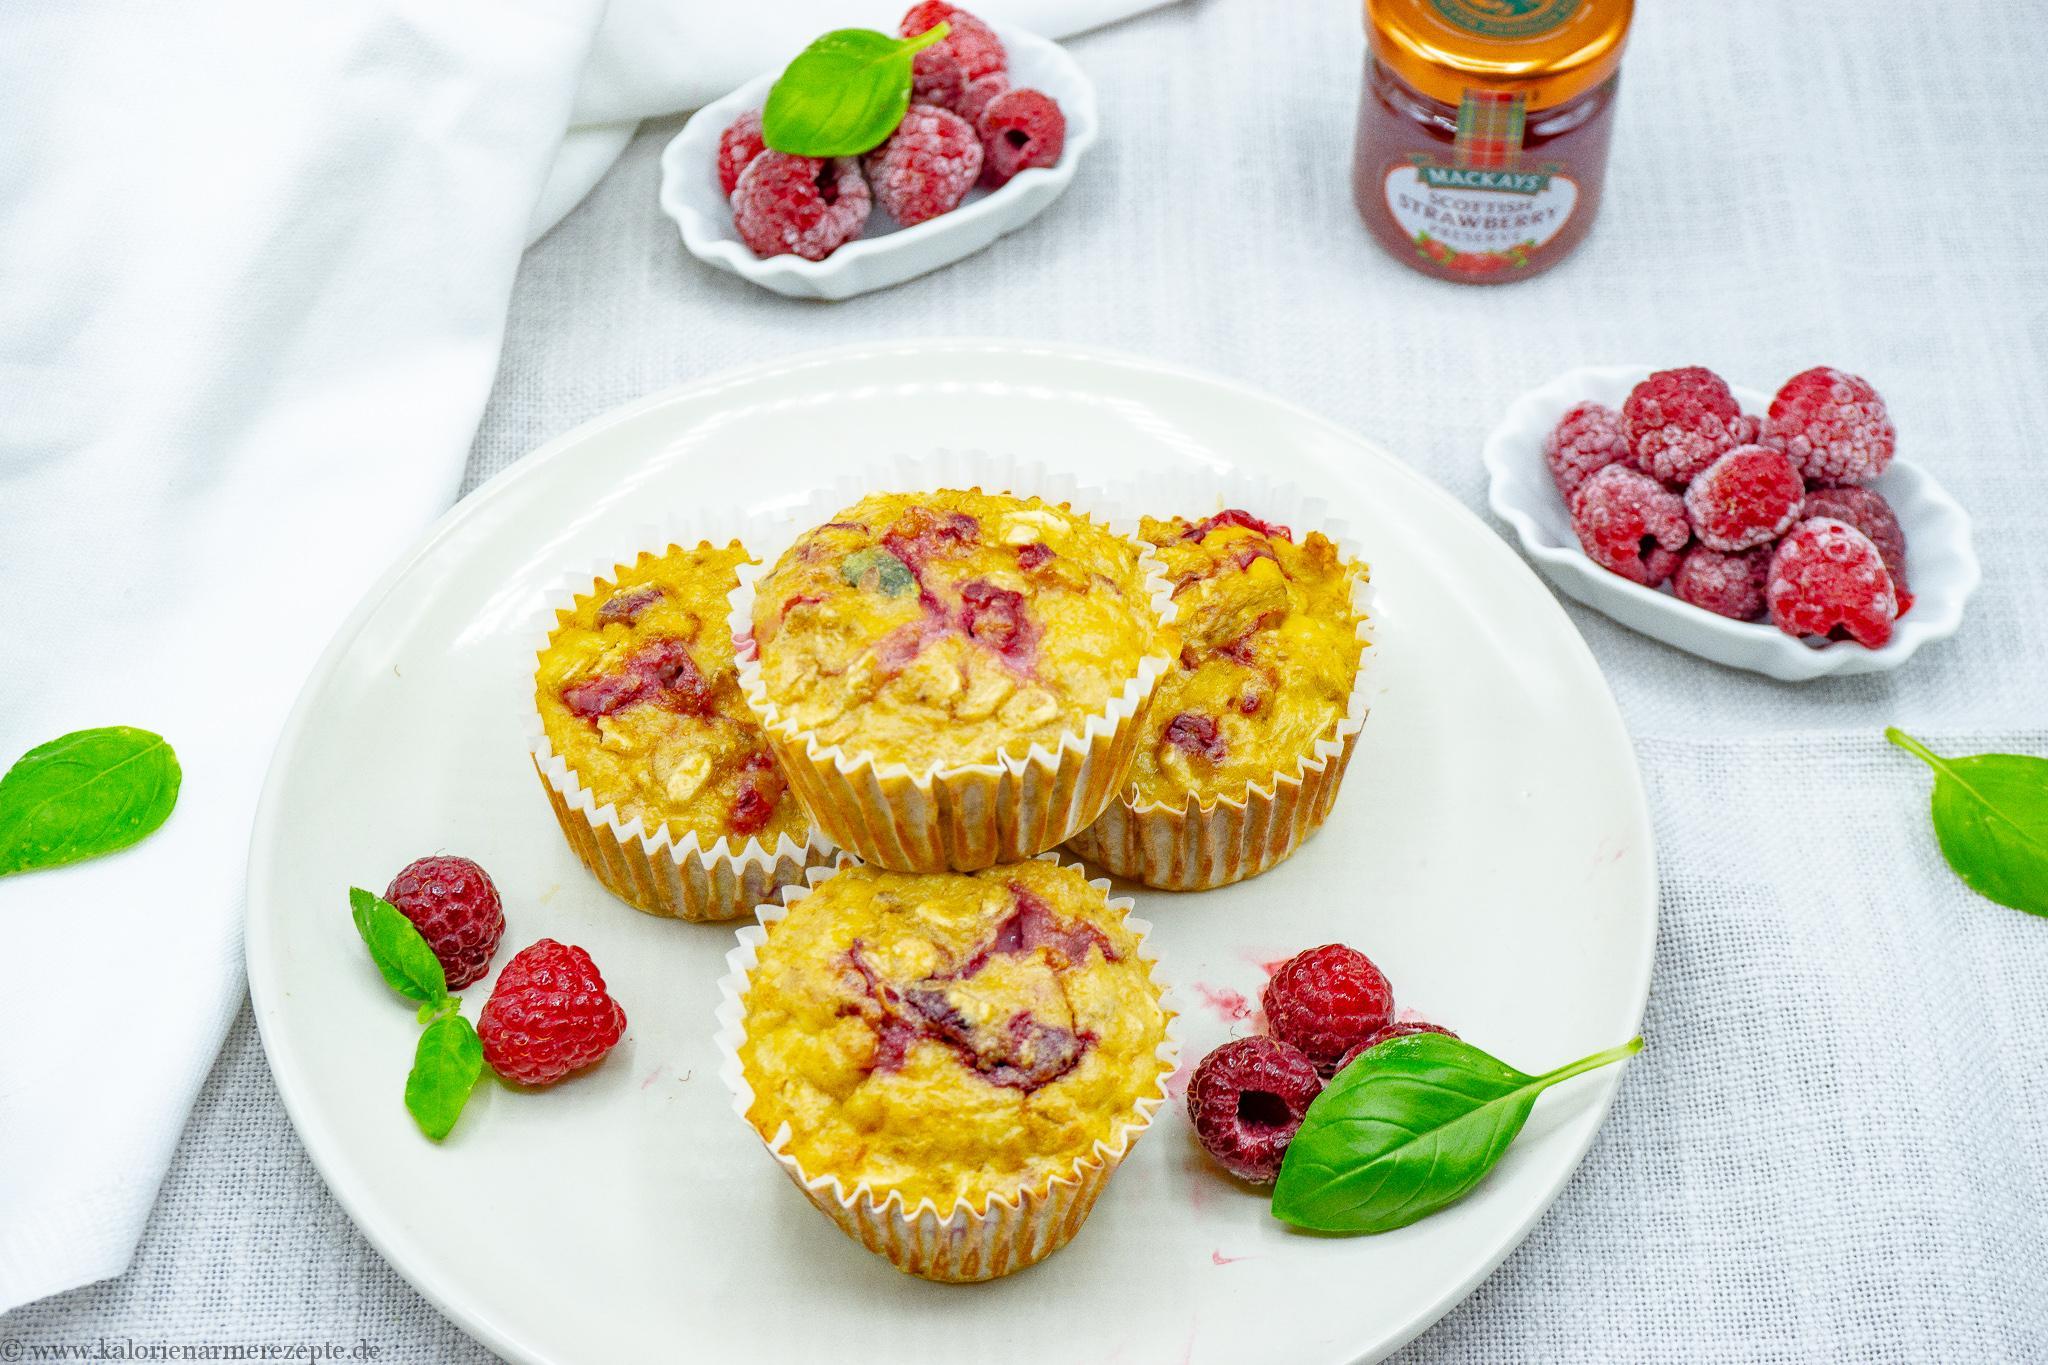 Himbeer-Schoko-Muffins - Kalorienarmerezepte